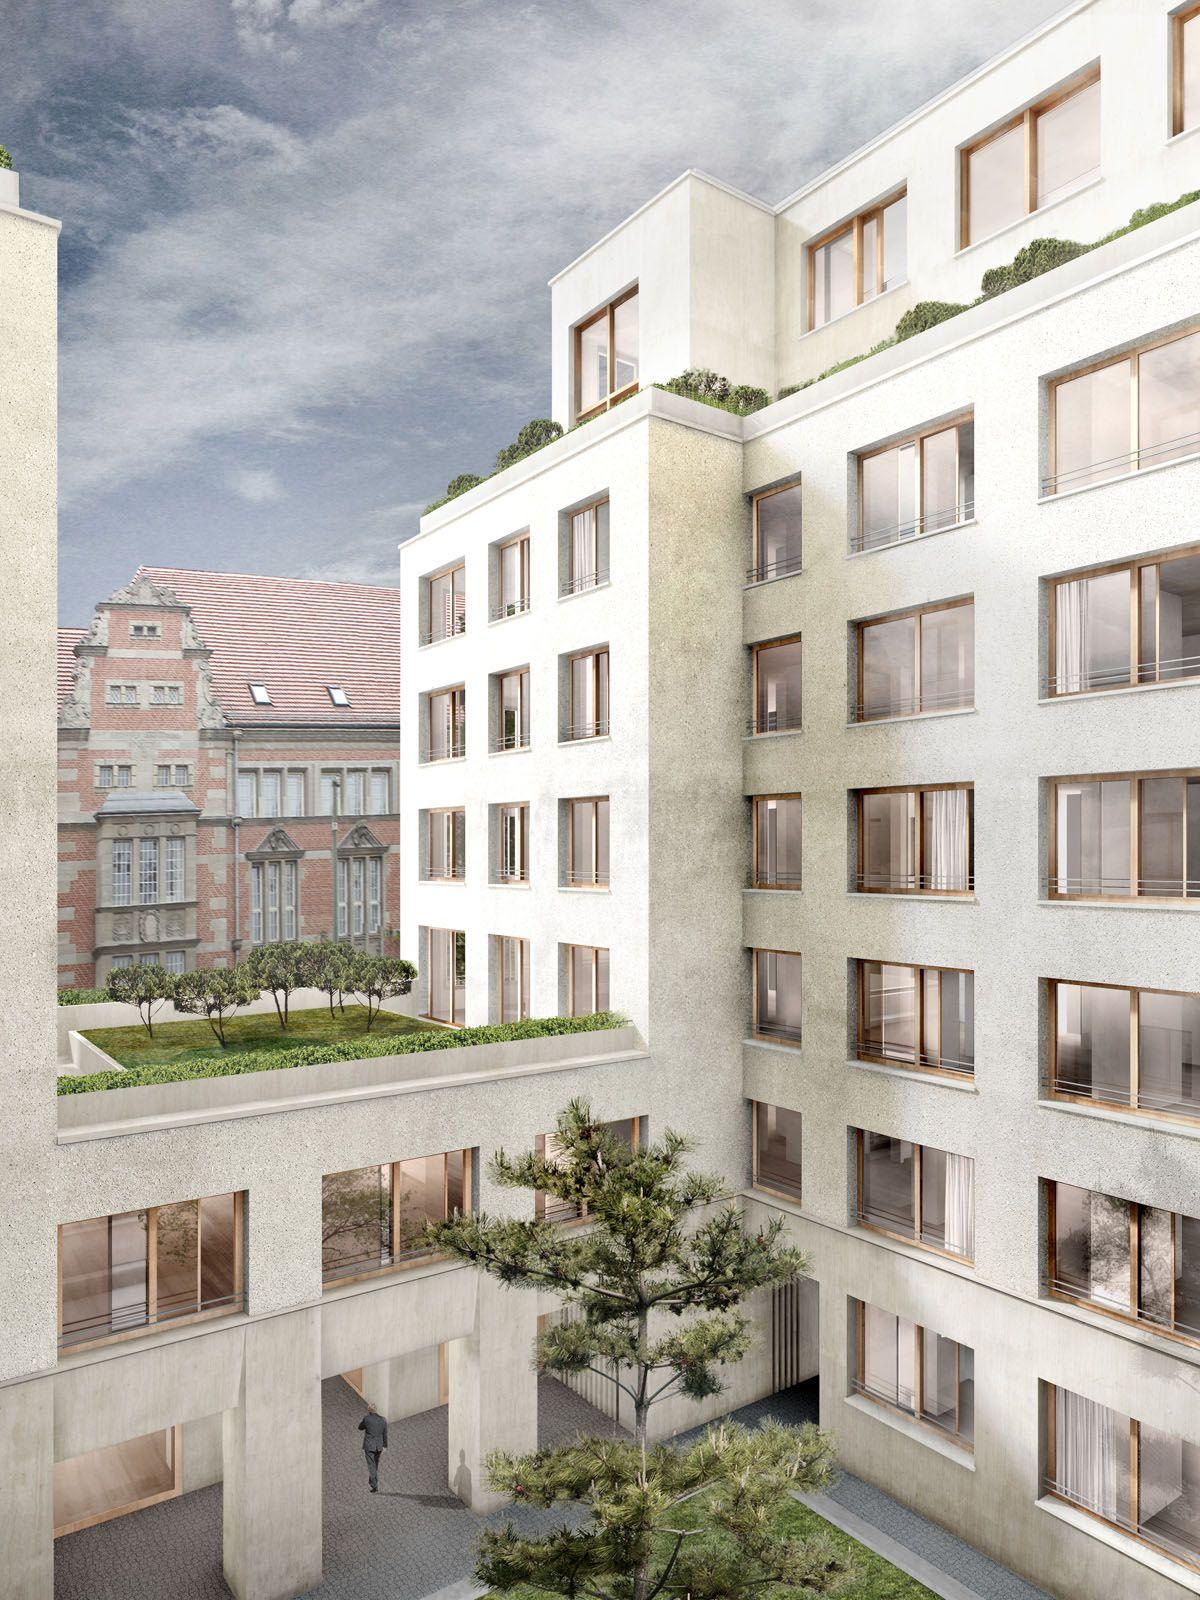 Berlin franz sische stra e palais varnhagen innenhof david chipperfield architects - Architekturvisualisierung berlin ...